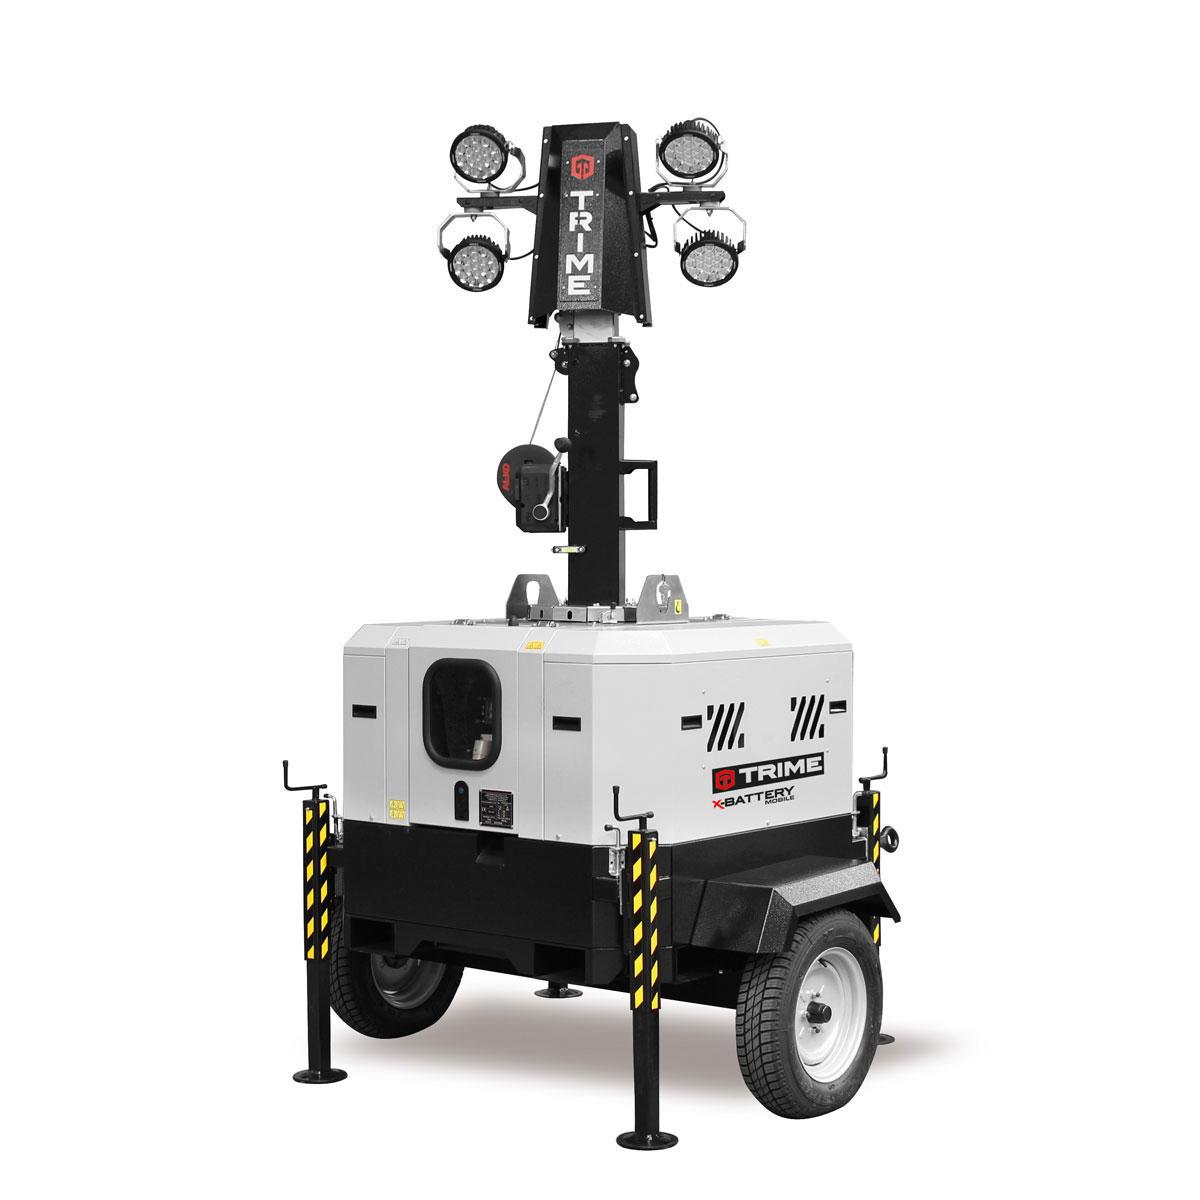 mobilais-prozektoru-masts-led-x-battery-4x90W-salikta-pozicija